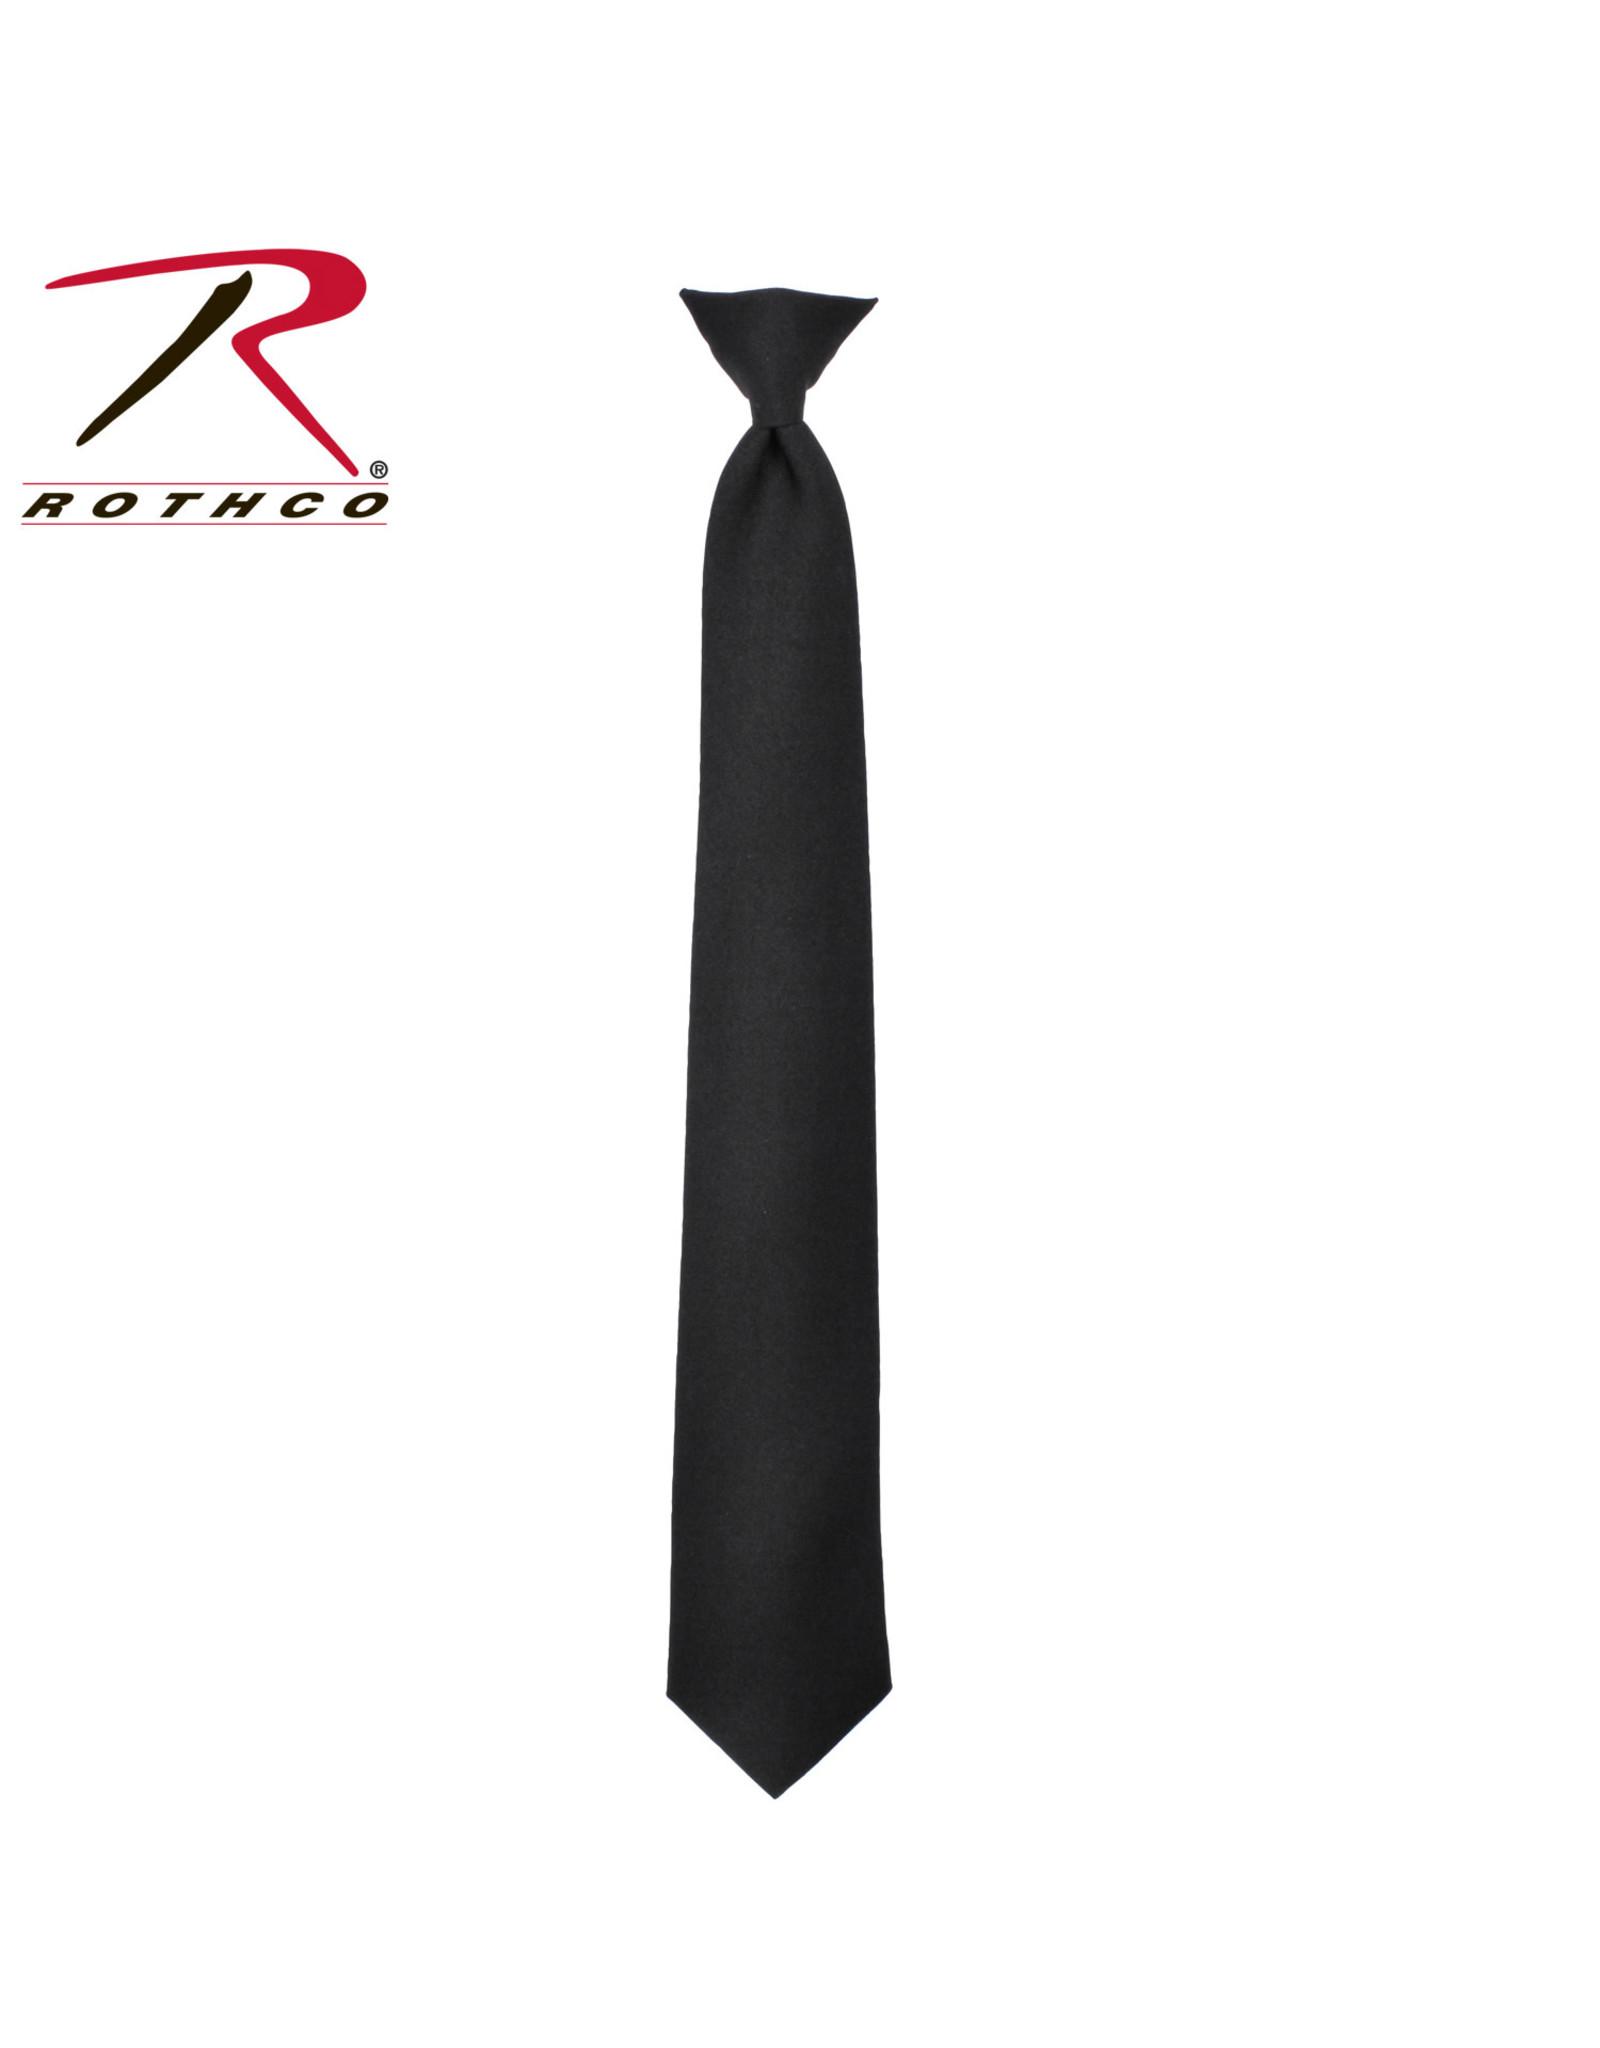 Police Issue Necktie